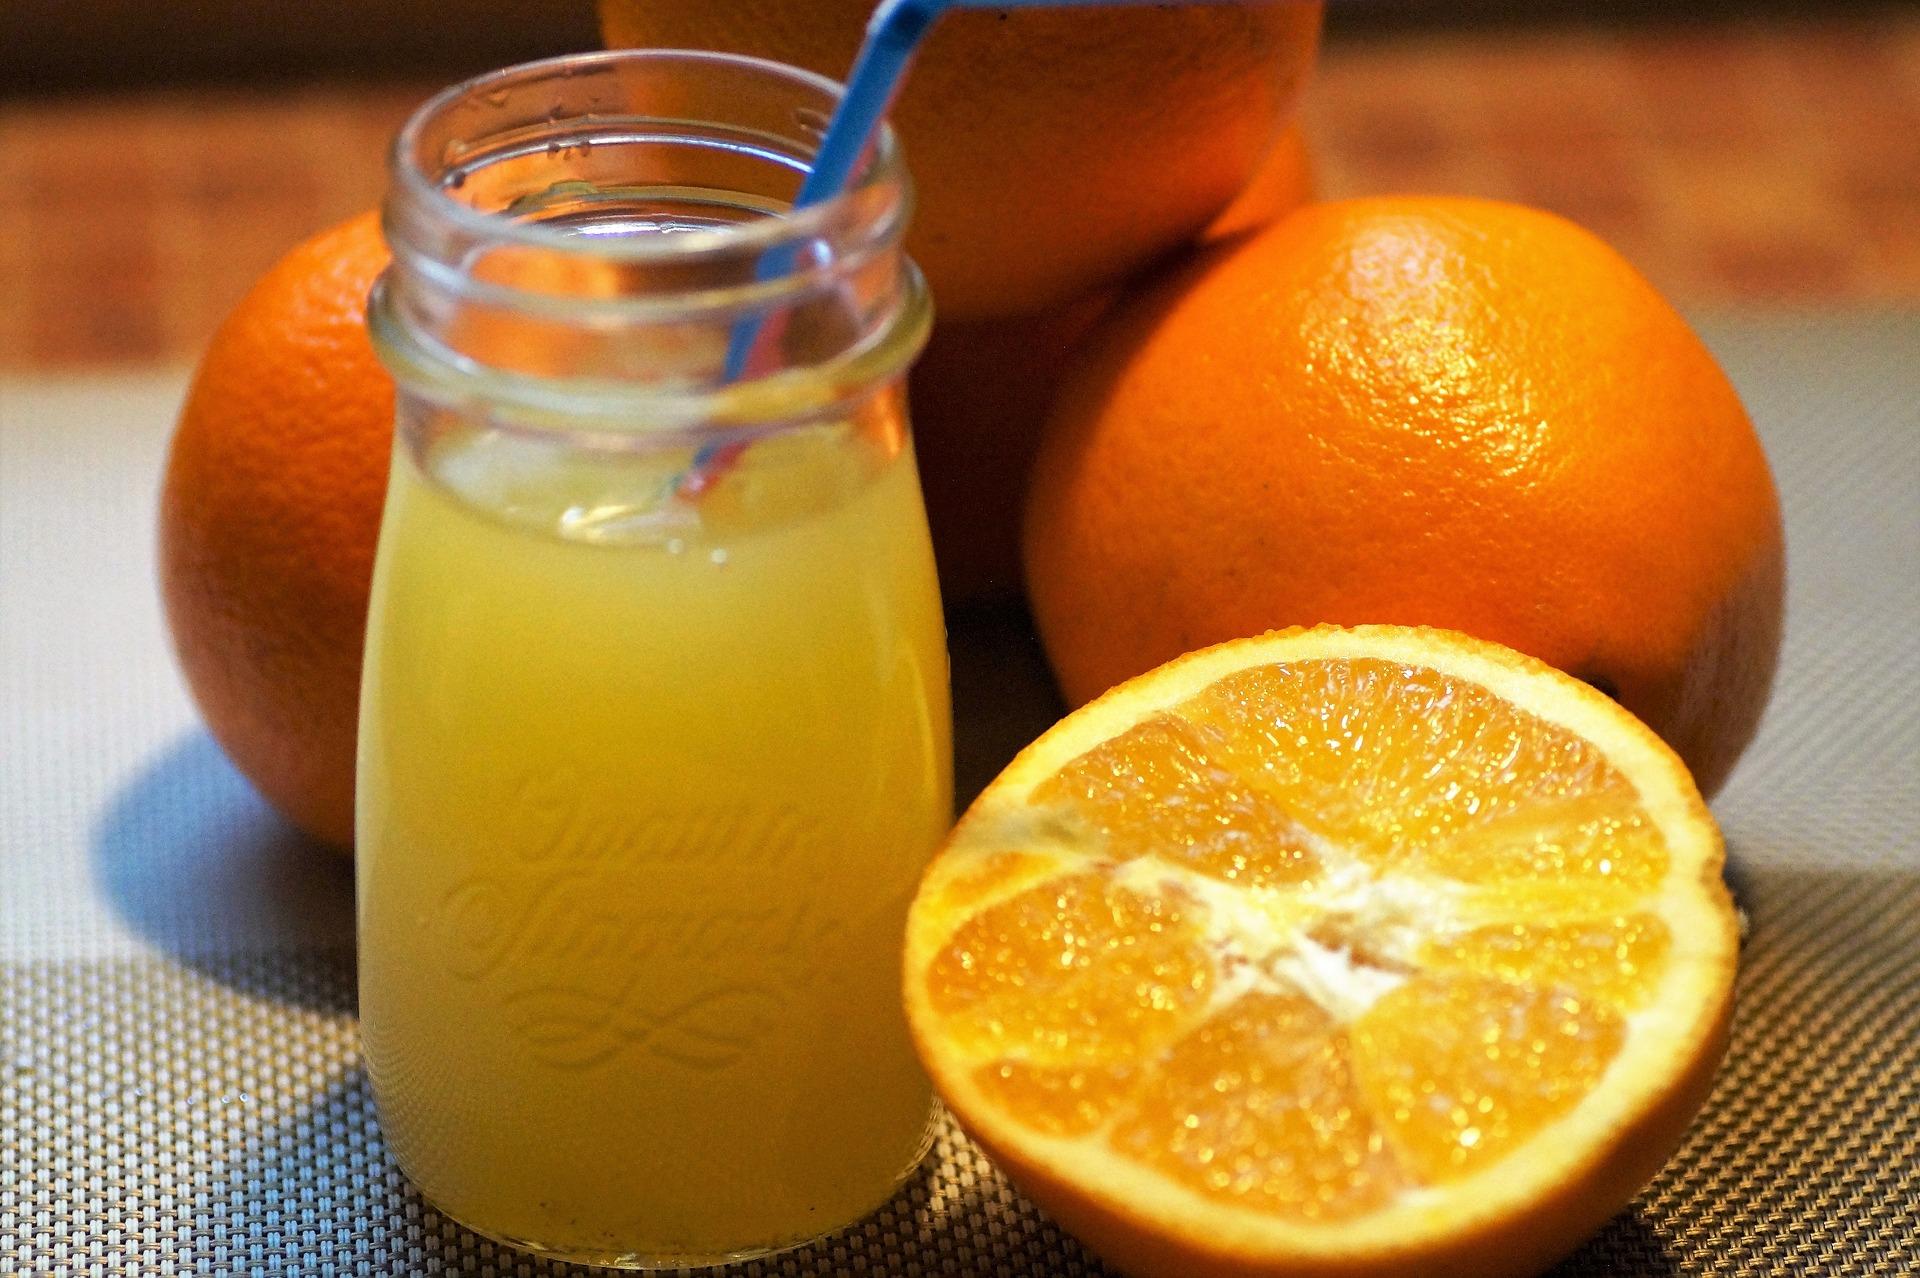 Pomeranče jsou významným zdrojem vápníku / foto: pixabay.com